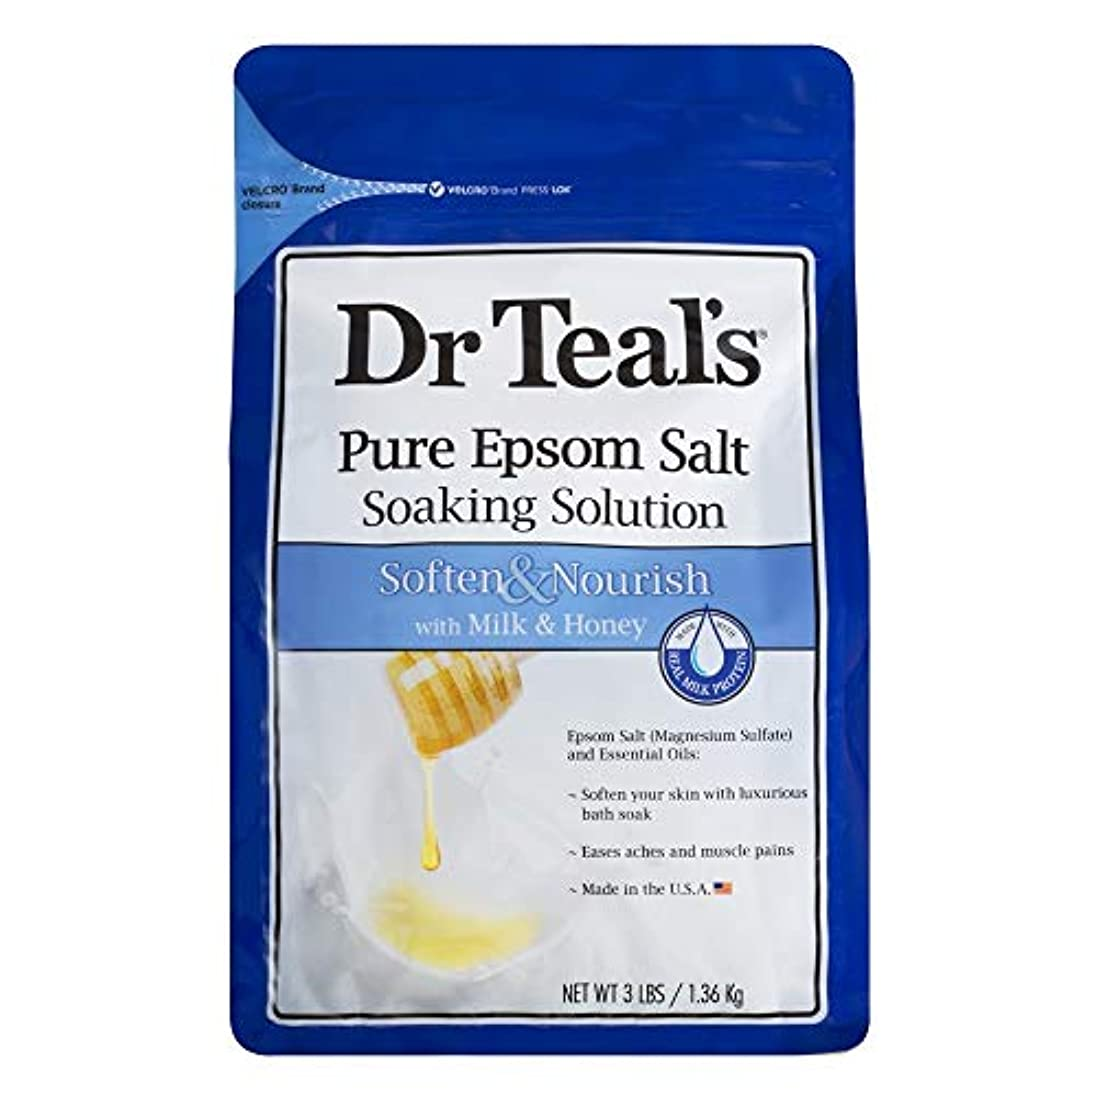 ラグミサイルジョージバーナードDr Teal's Epsom Salt Soaking Solution, Soften & Nourish, Milk and Honey, 3lbs